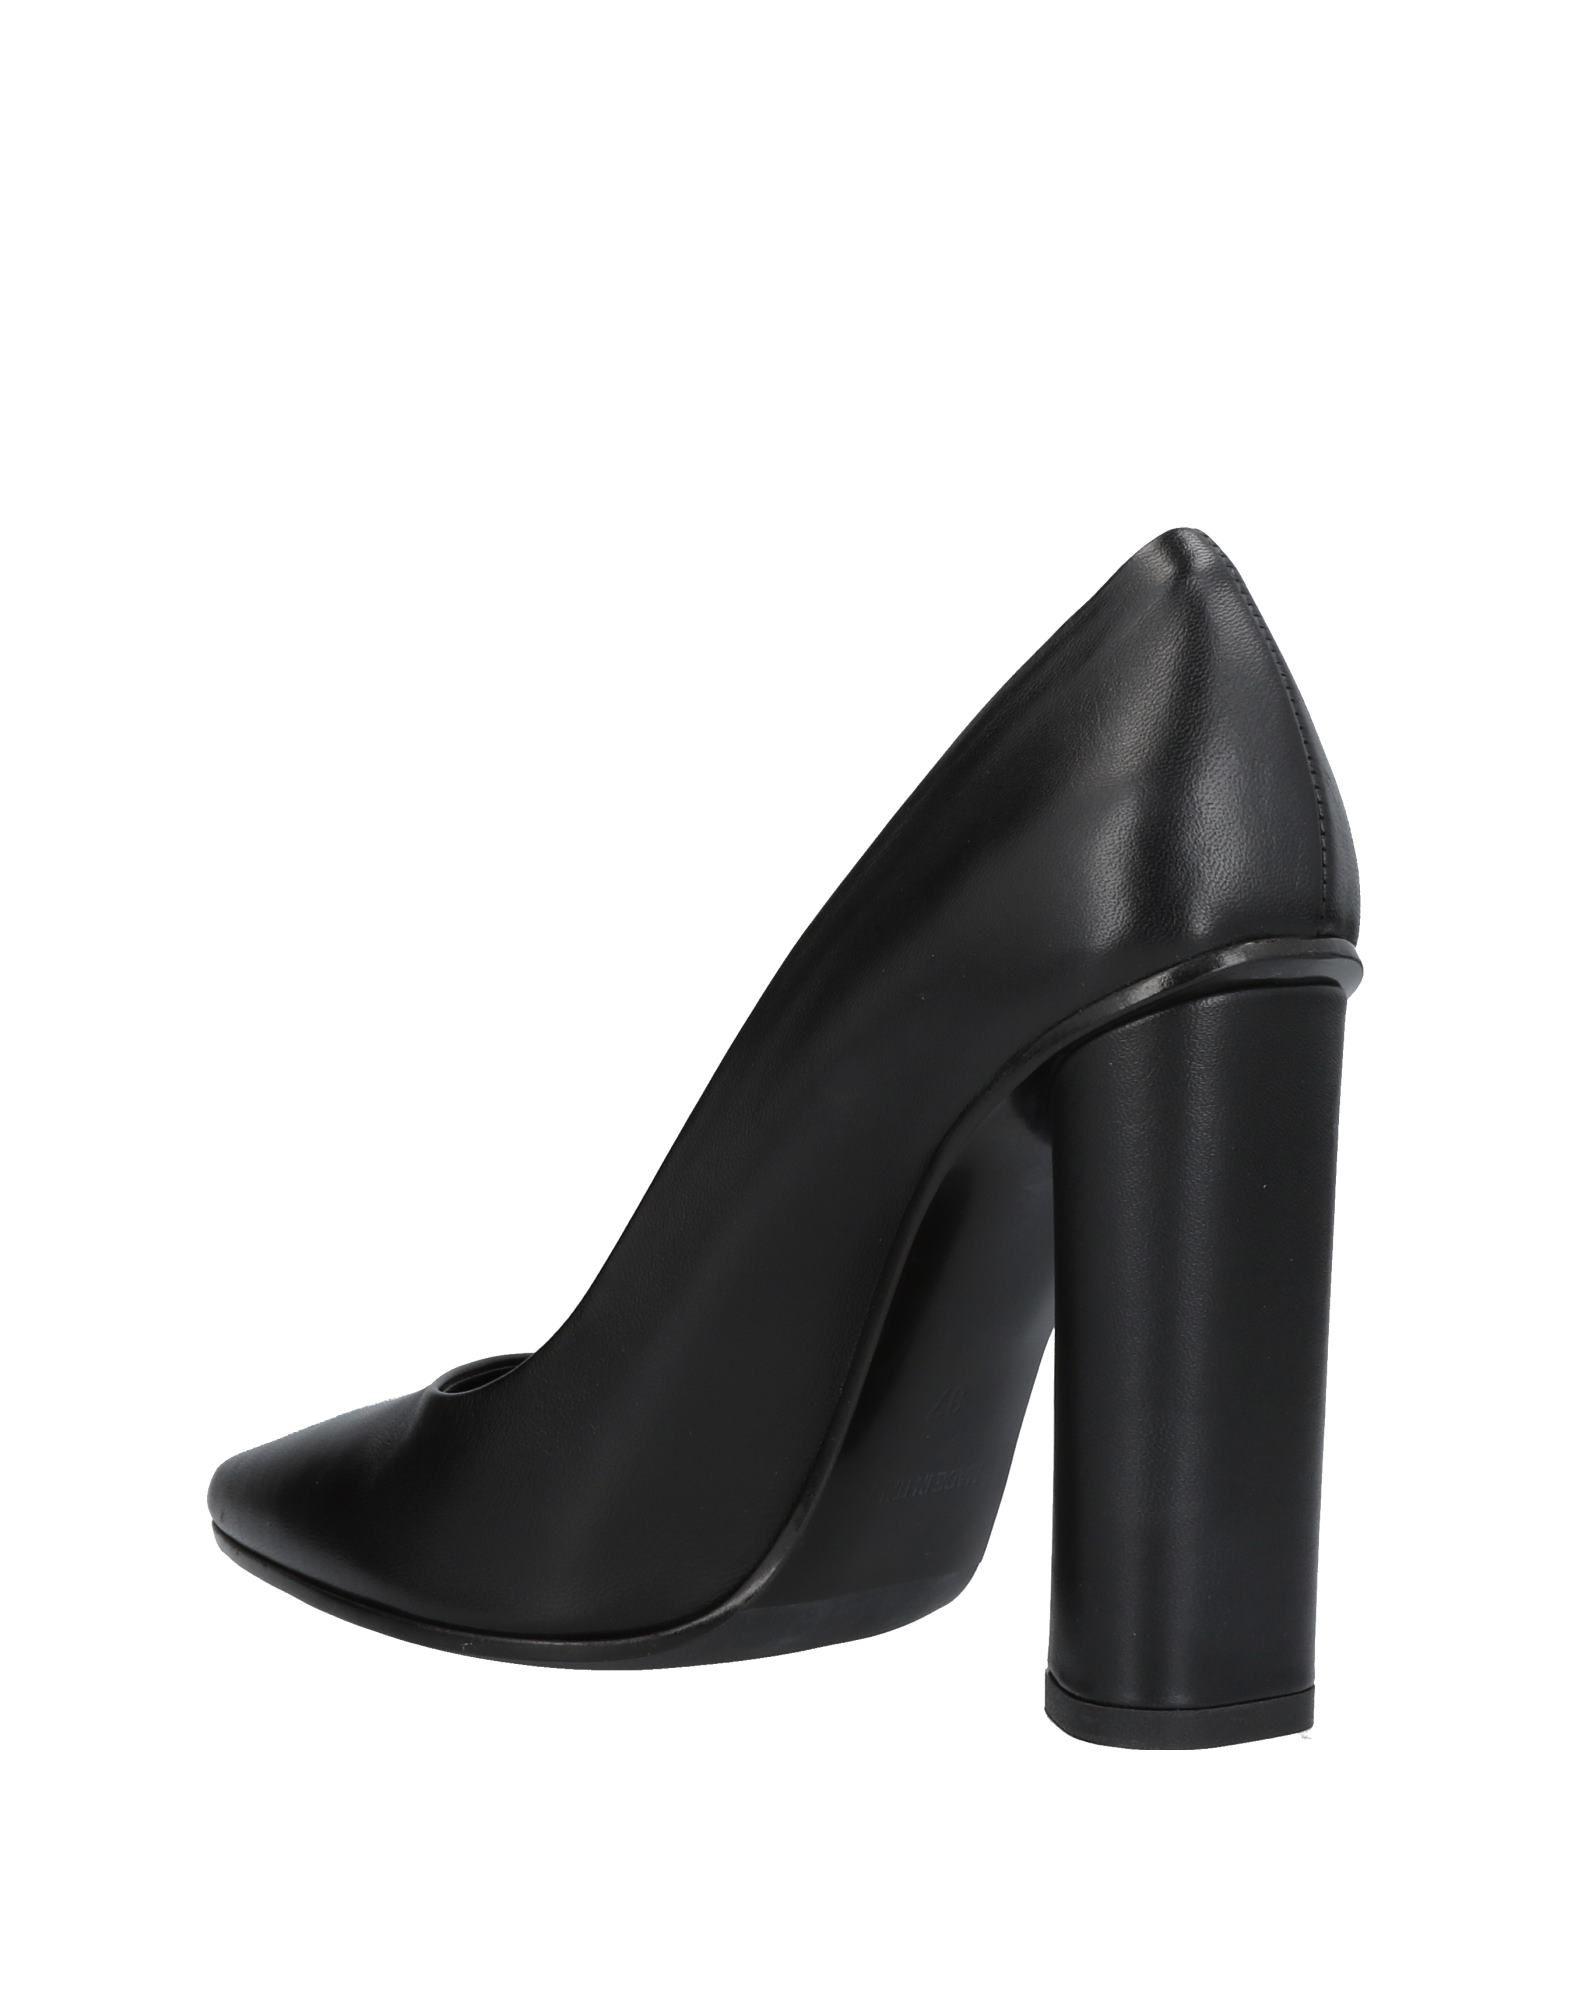 Stilvolle billige Schuhe Pumps Stephen Good  London Pumps Schuhe Damen  11458627GX 5677e5